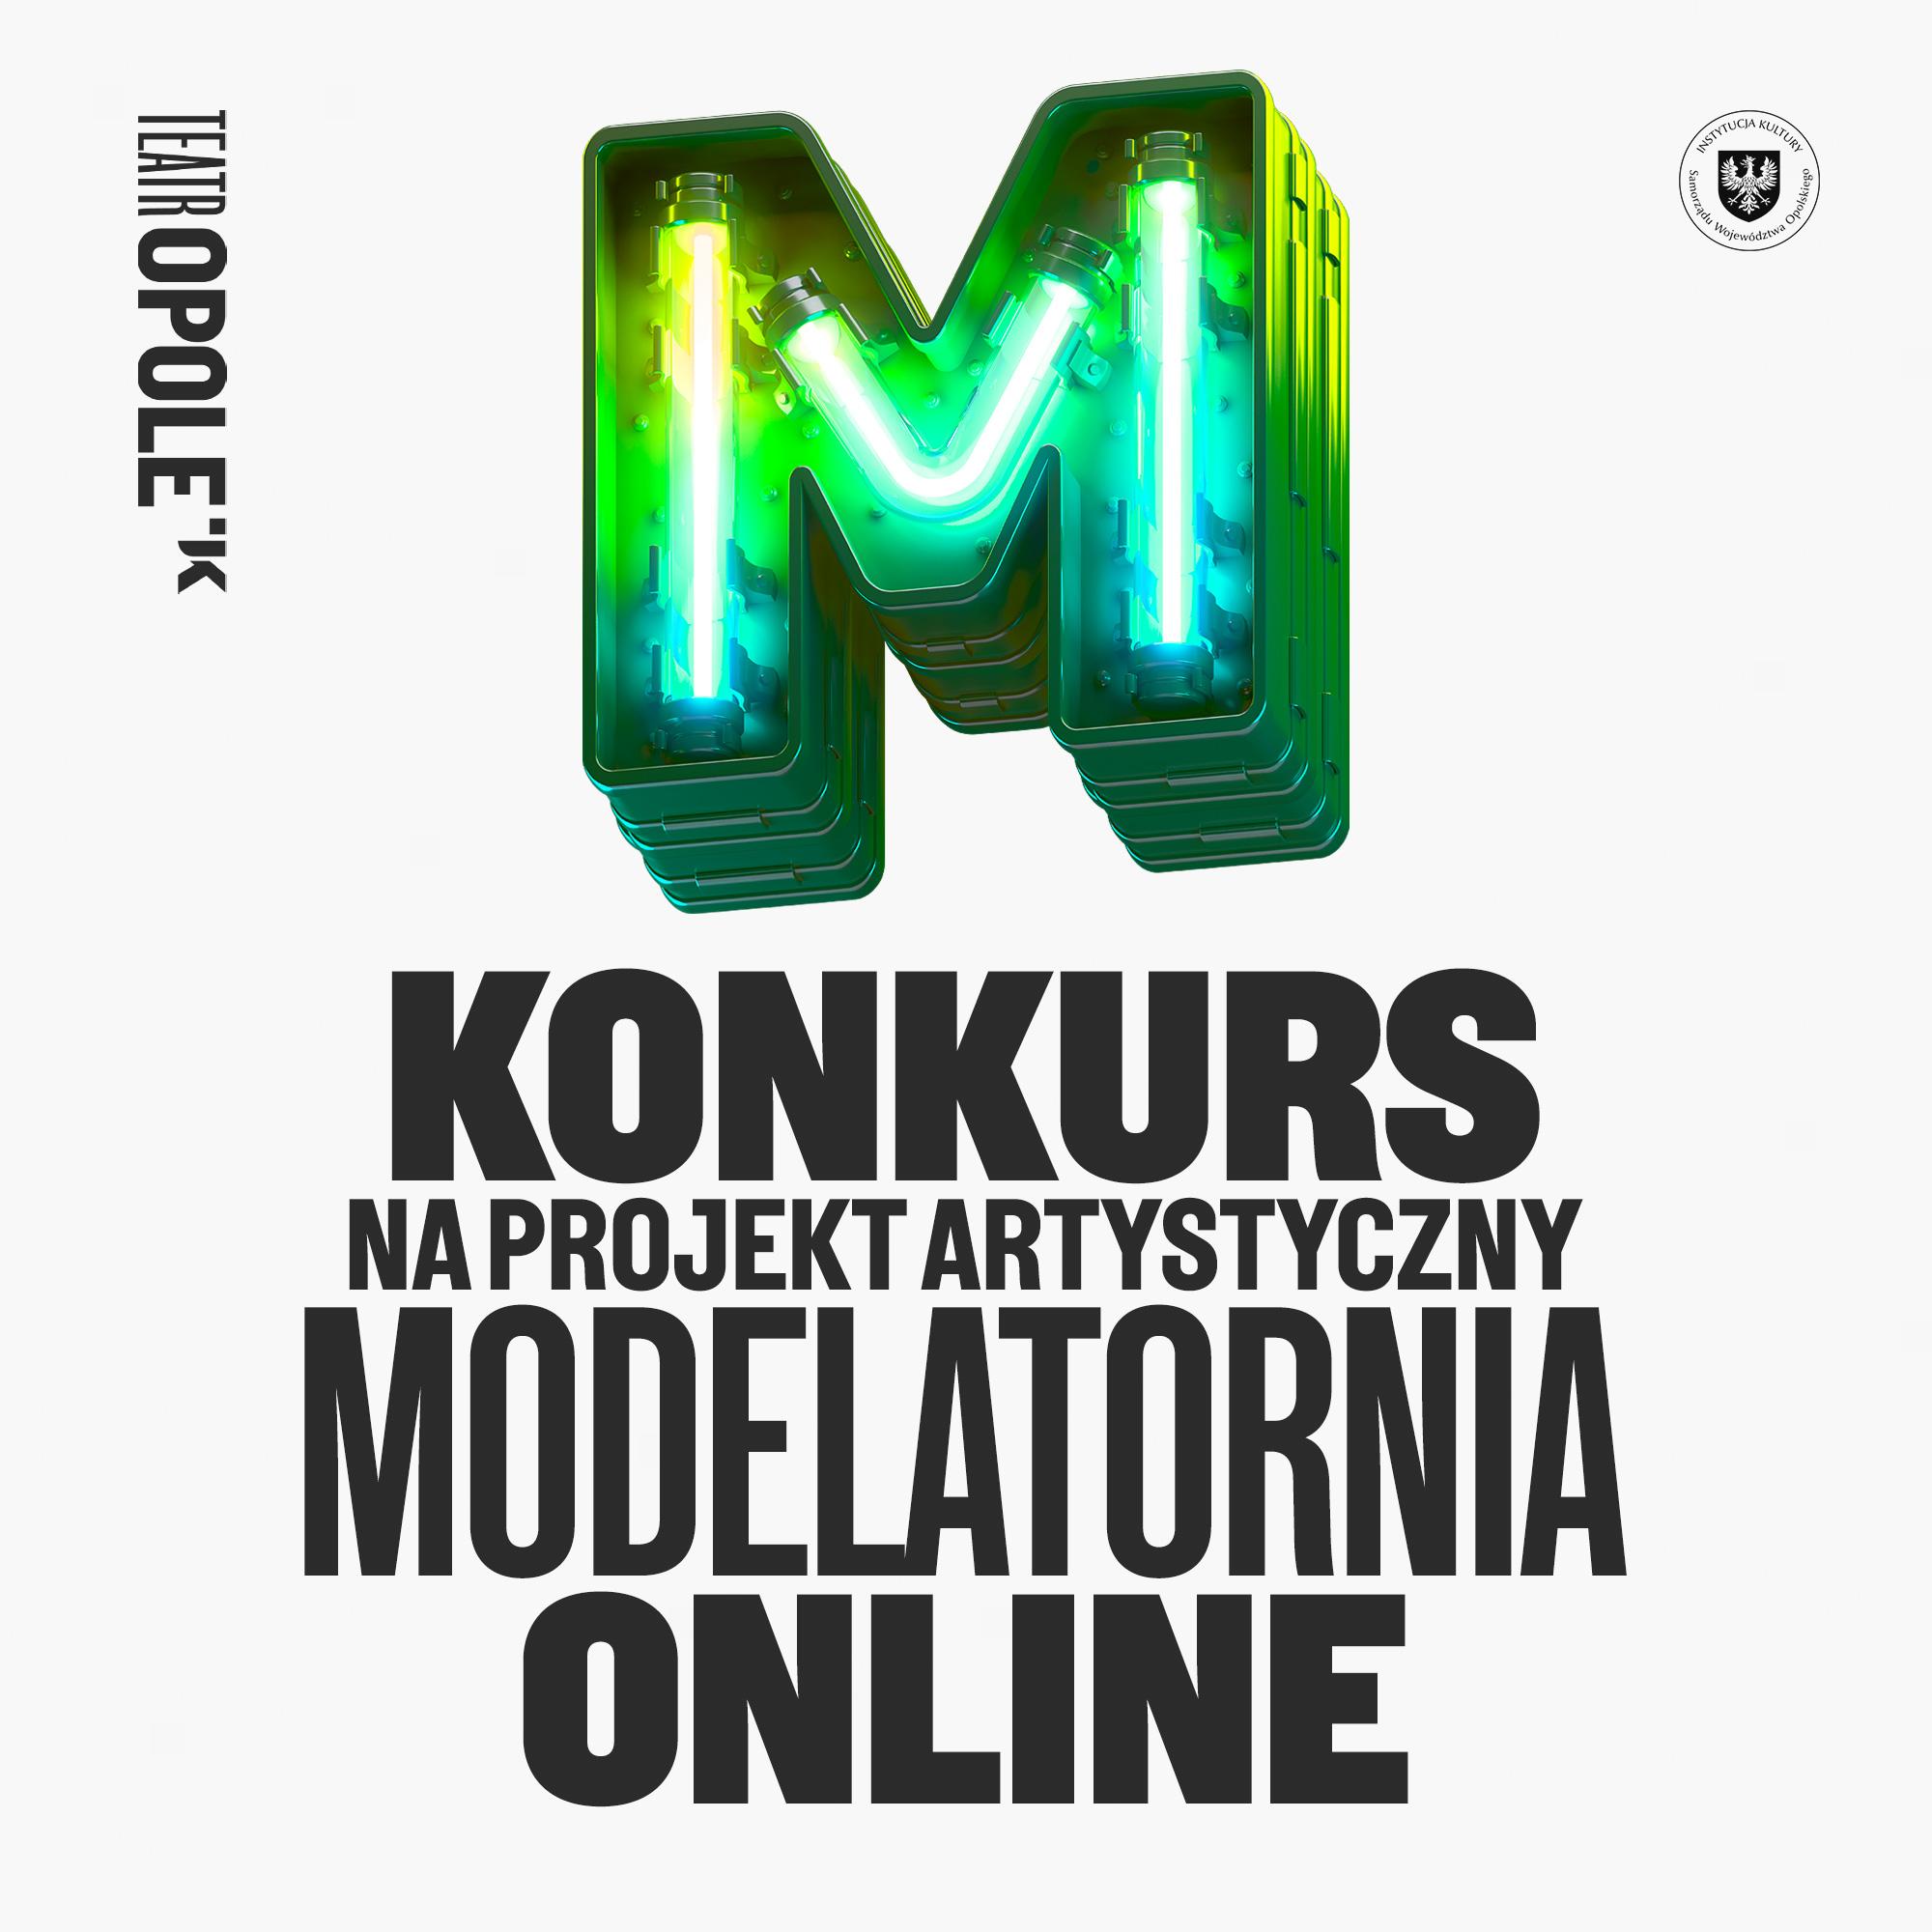 """Teatr im. J. Kochanowskiego w Opolu zapraszają do wzięcia udziału w konkursie na projekt artystyczny """"Modelatornia online"""""""